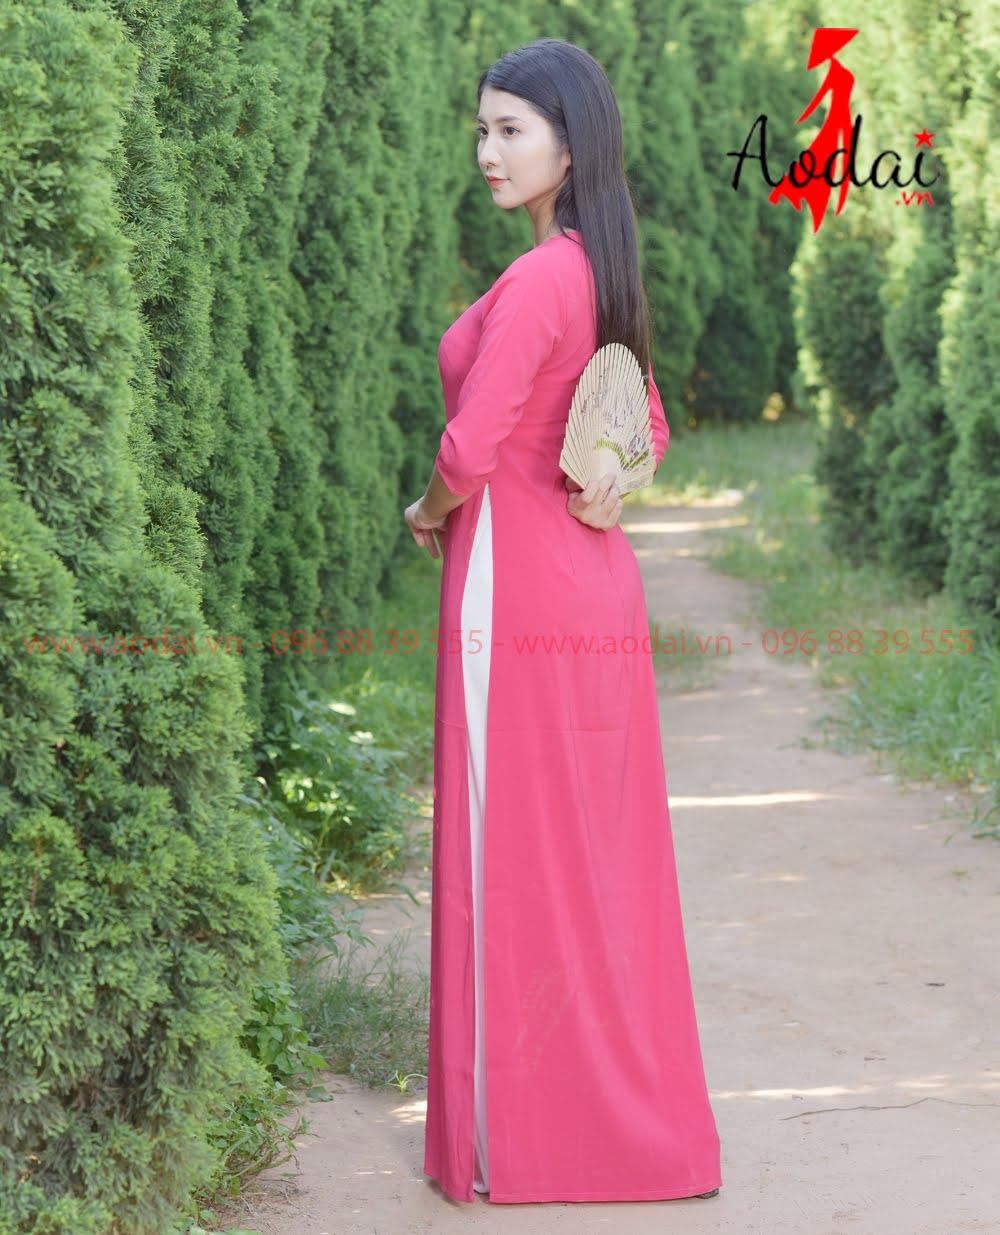 May áo dài tại Ninh Bình